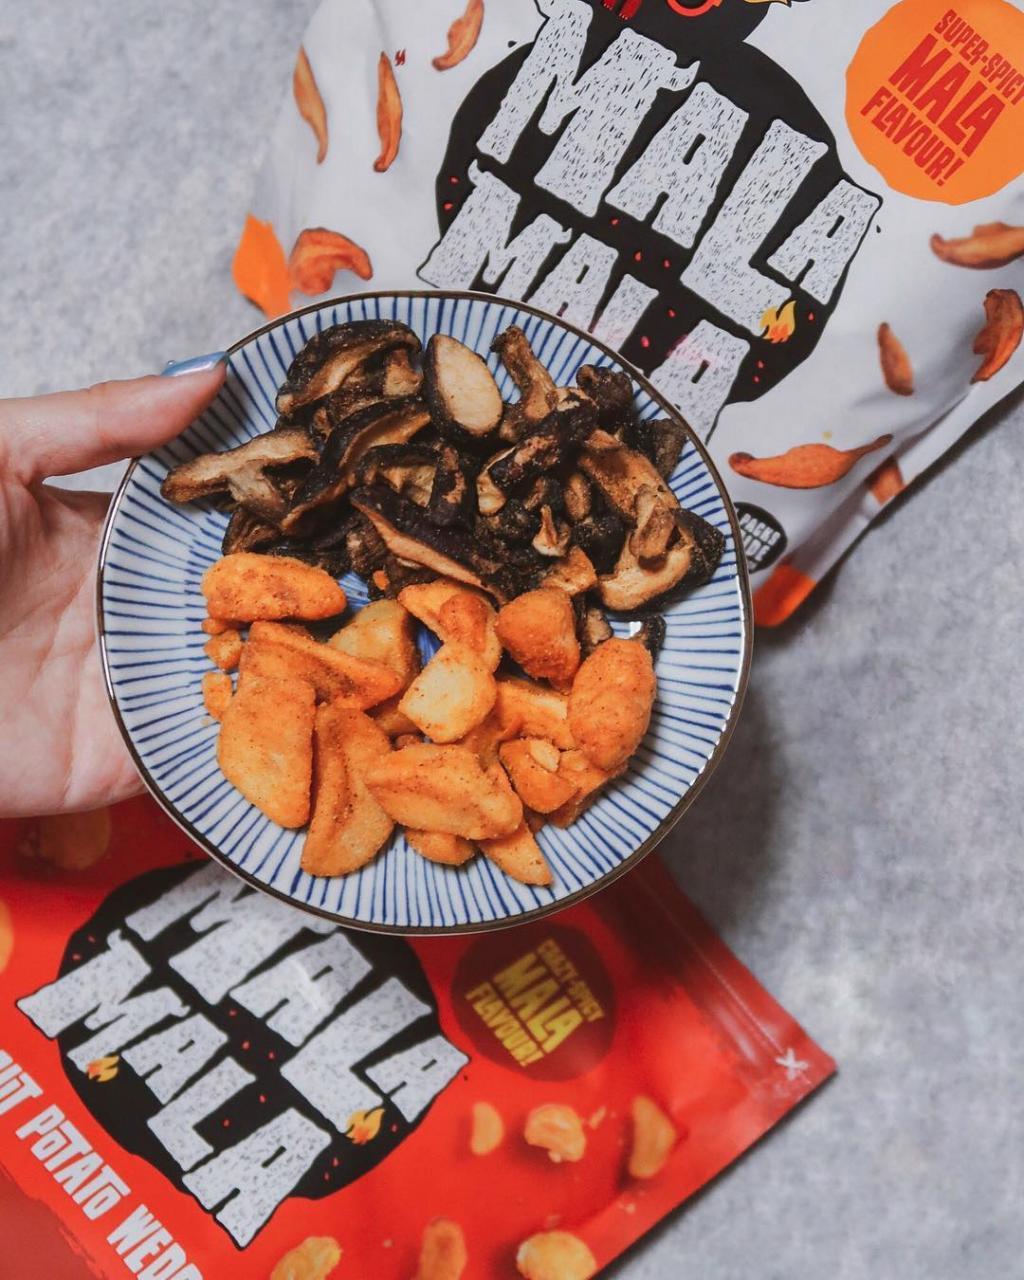 Mala Mala, Mala Chips in Singapore